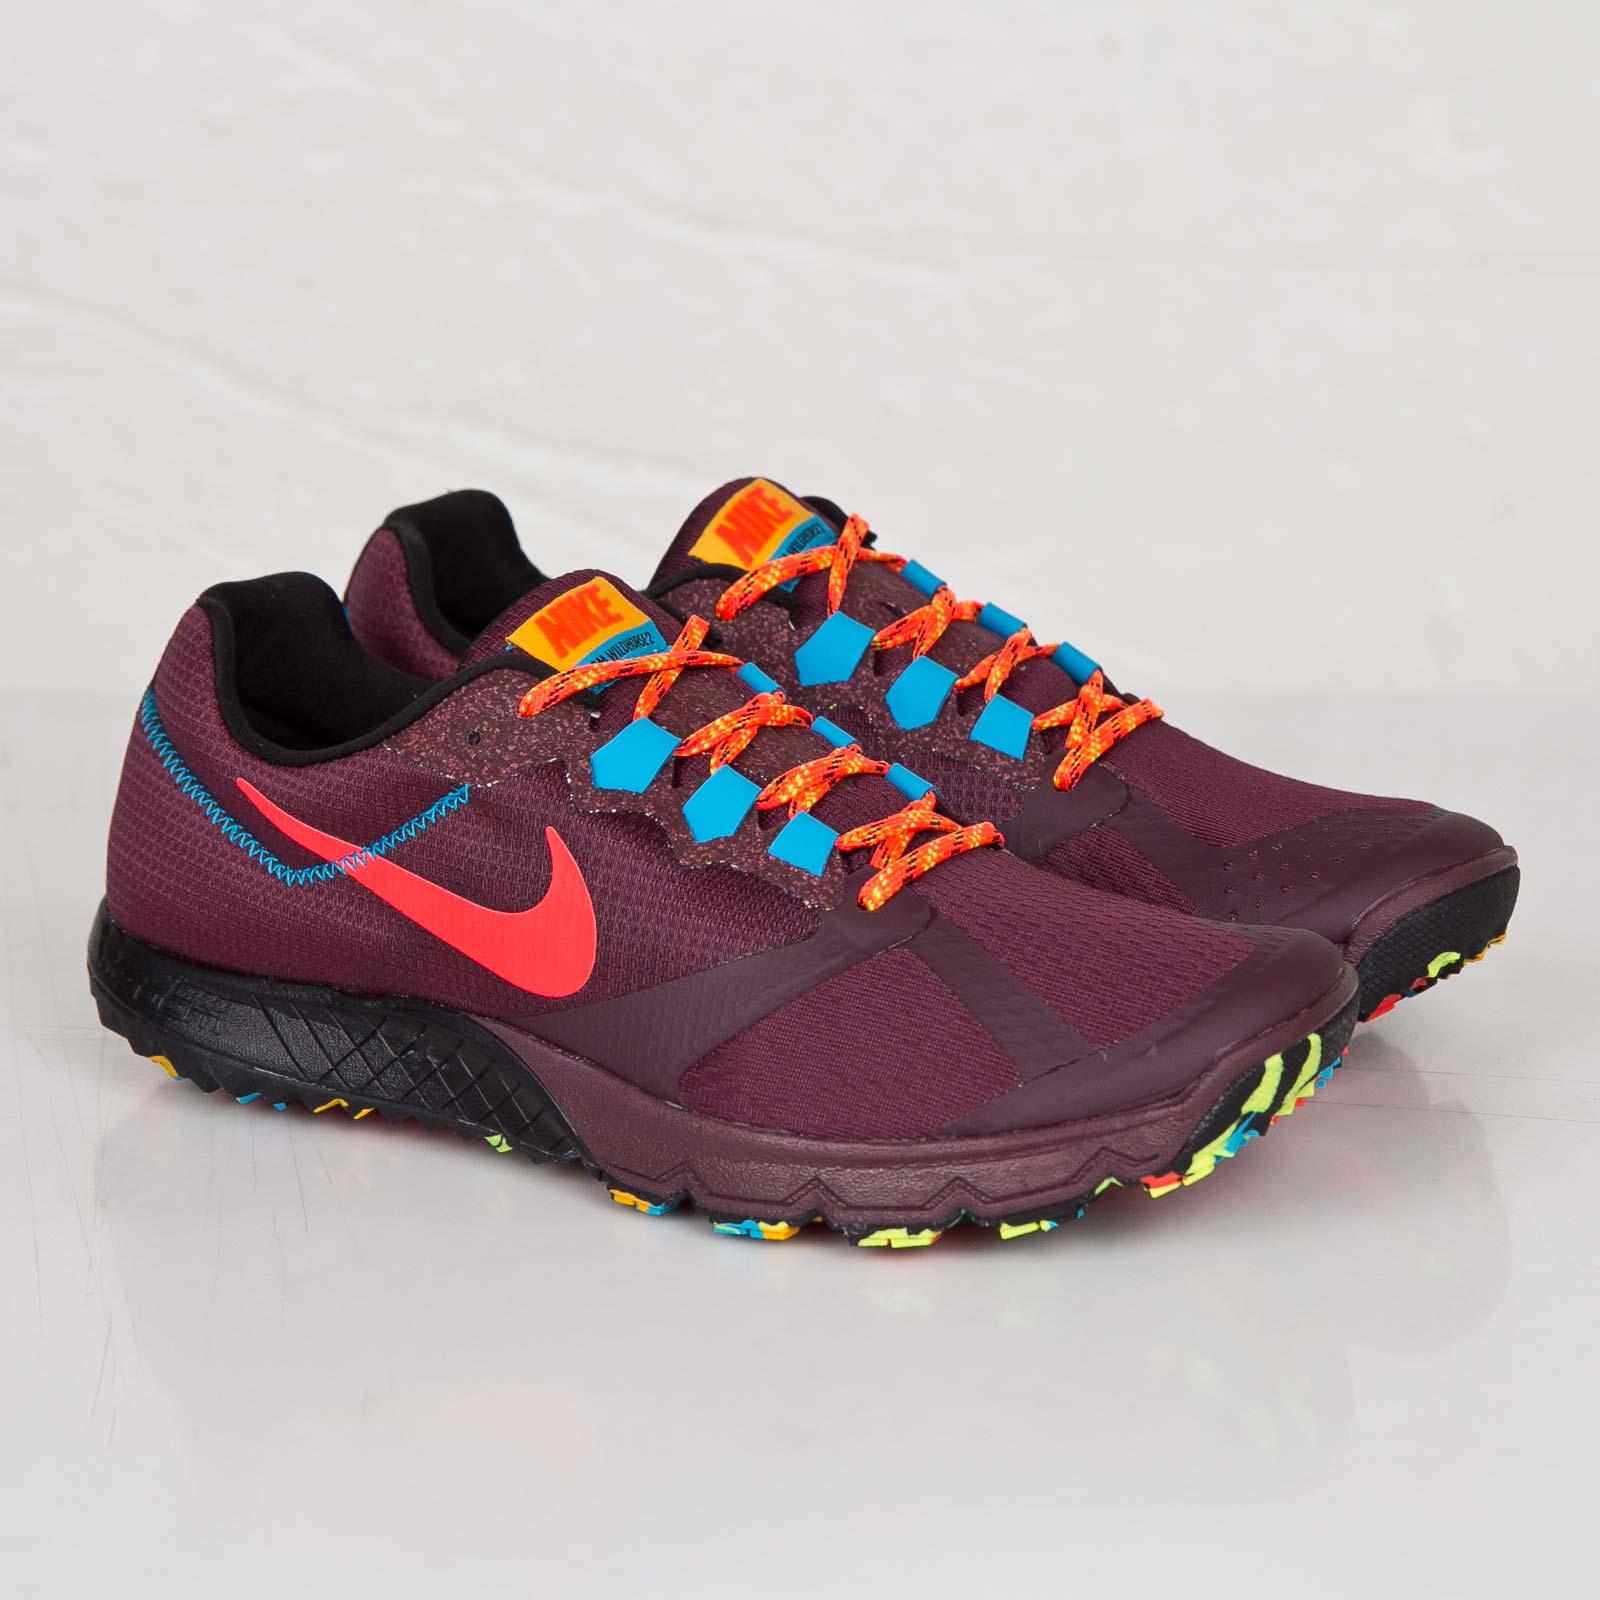 Nike Air Zoom Wildhorse 2 - 654441-601